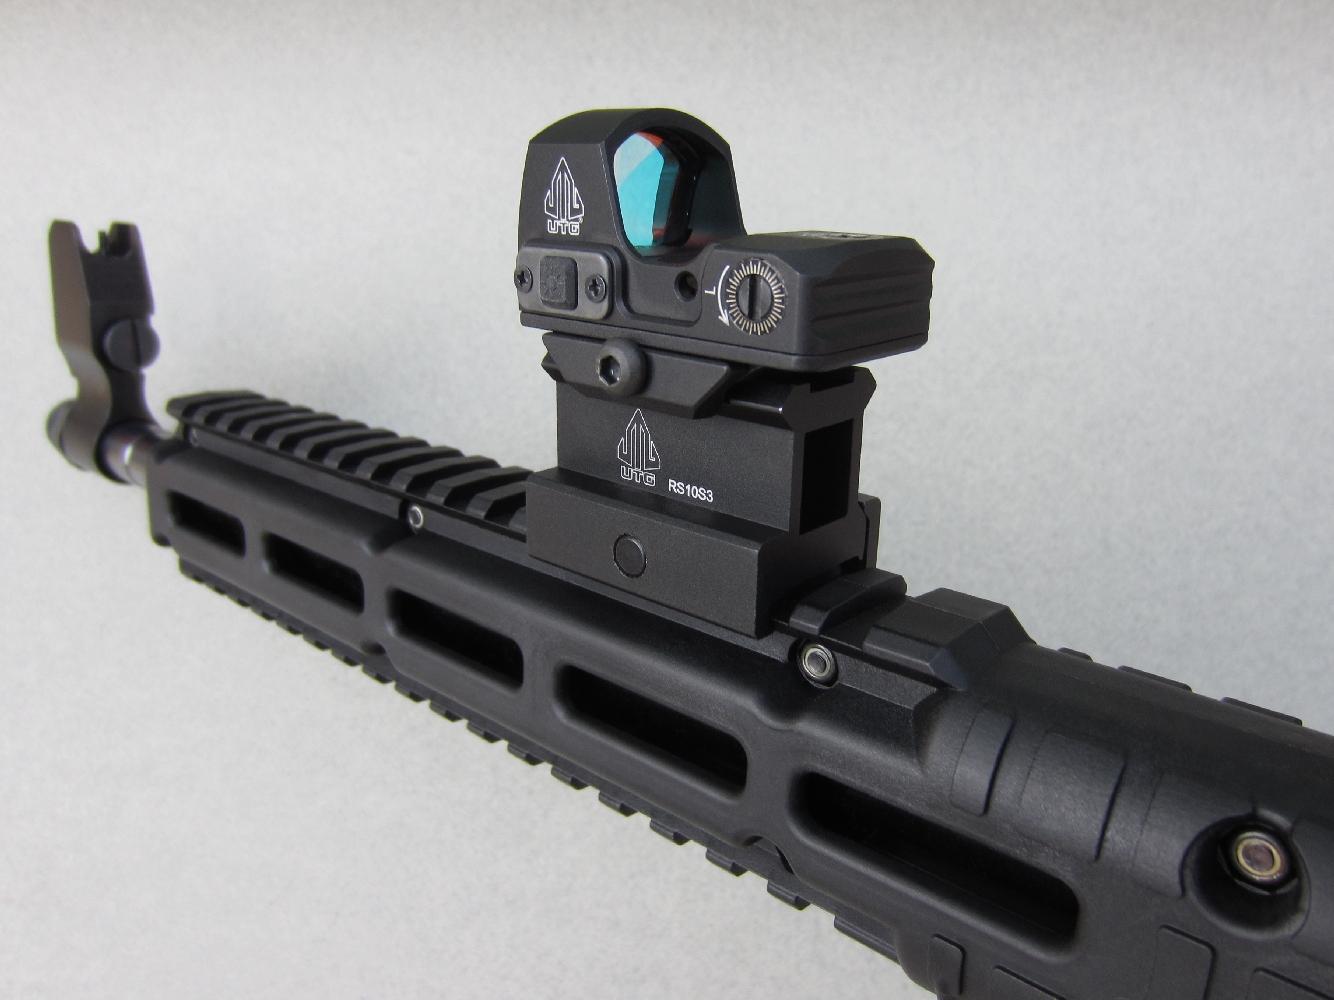 La solution la plus efficace pour résoudre le problème de prise de visée que pose l'inconfort de la crosse d'épaule consiste à utiliser un viseur holographique installé sur le rail Picatinny au moyen d'un réhausseur de 25 mm.